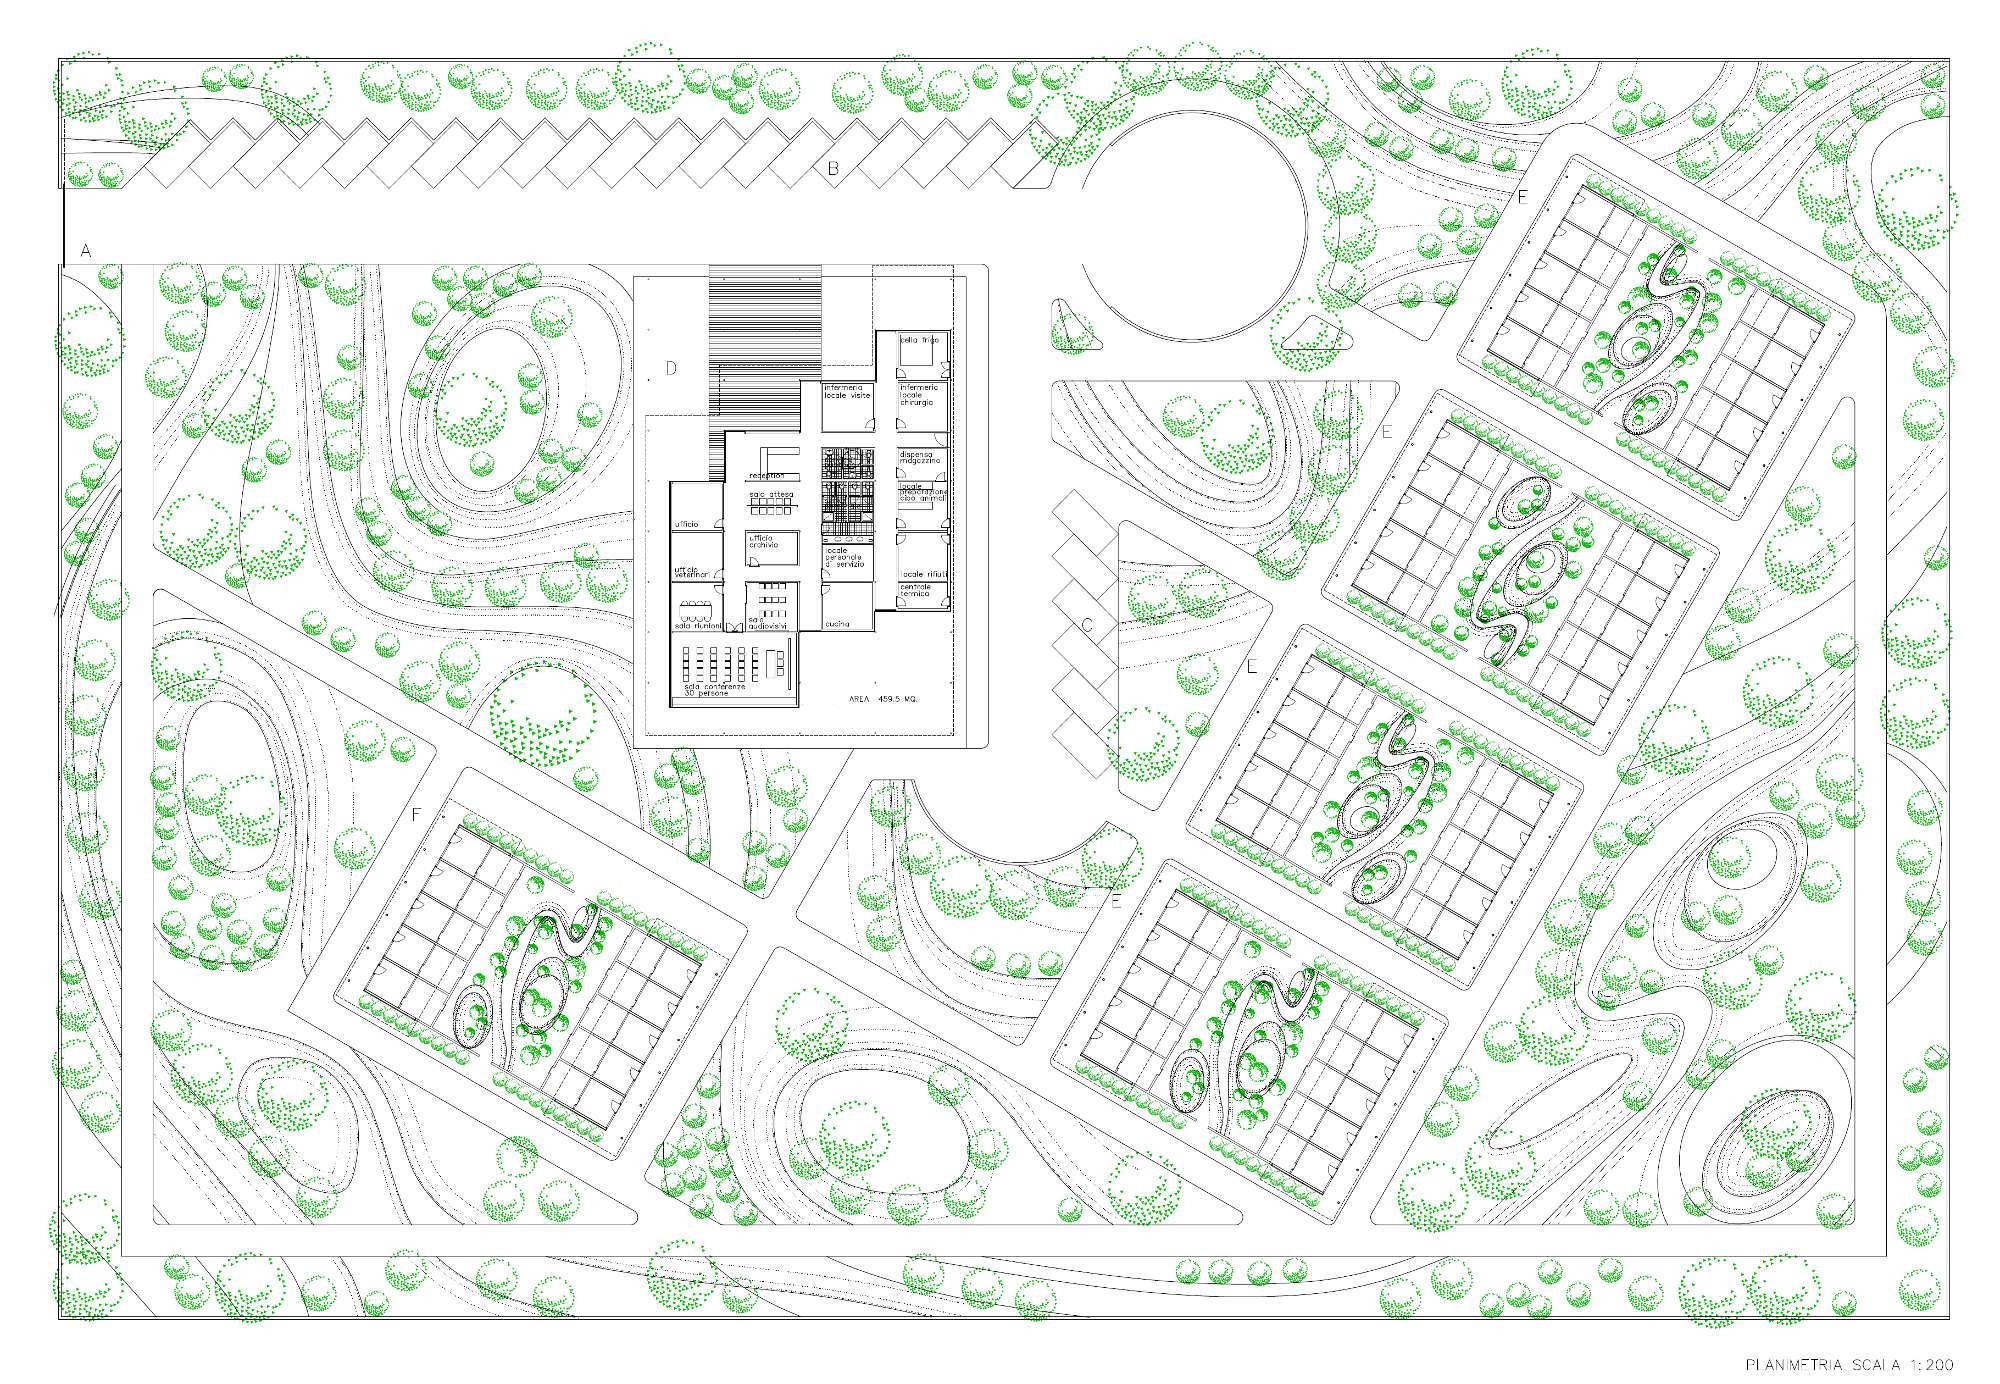 Progetto di fattibilità del nuovo Canile Rifugio di Torino - Planimetria generale